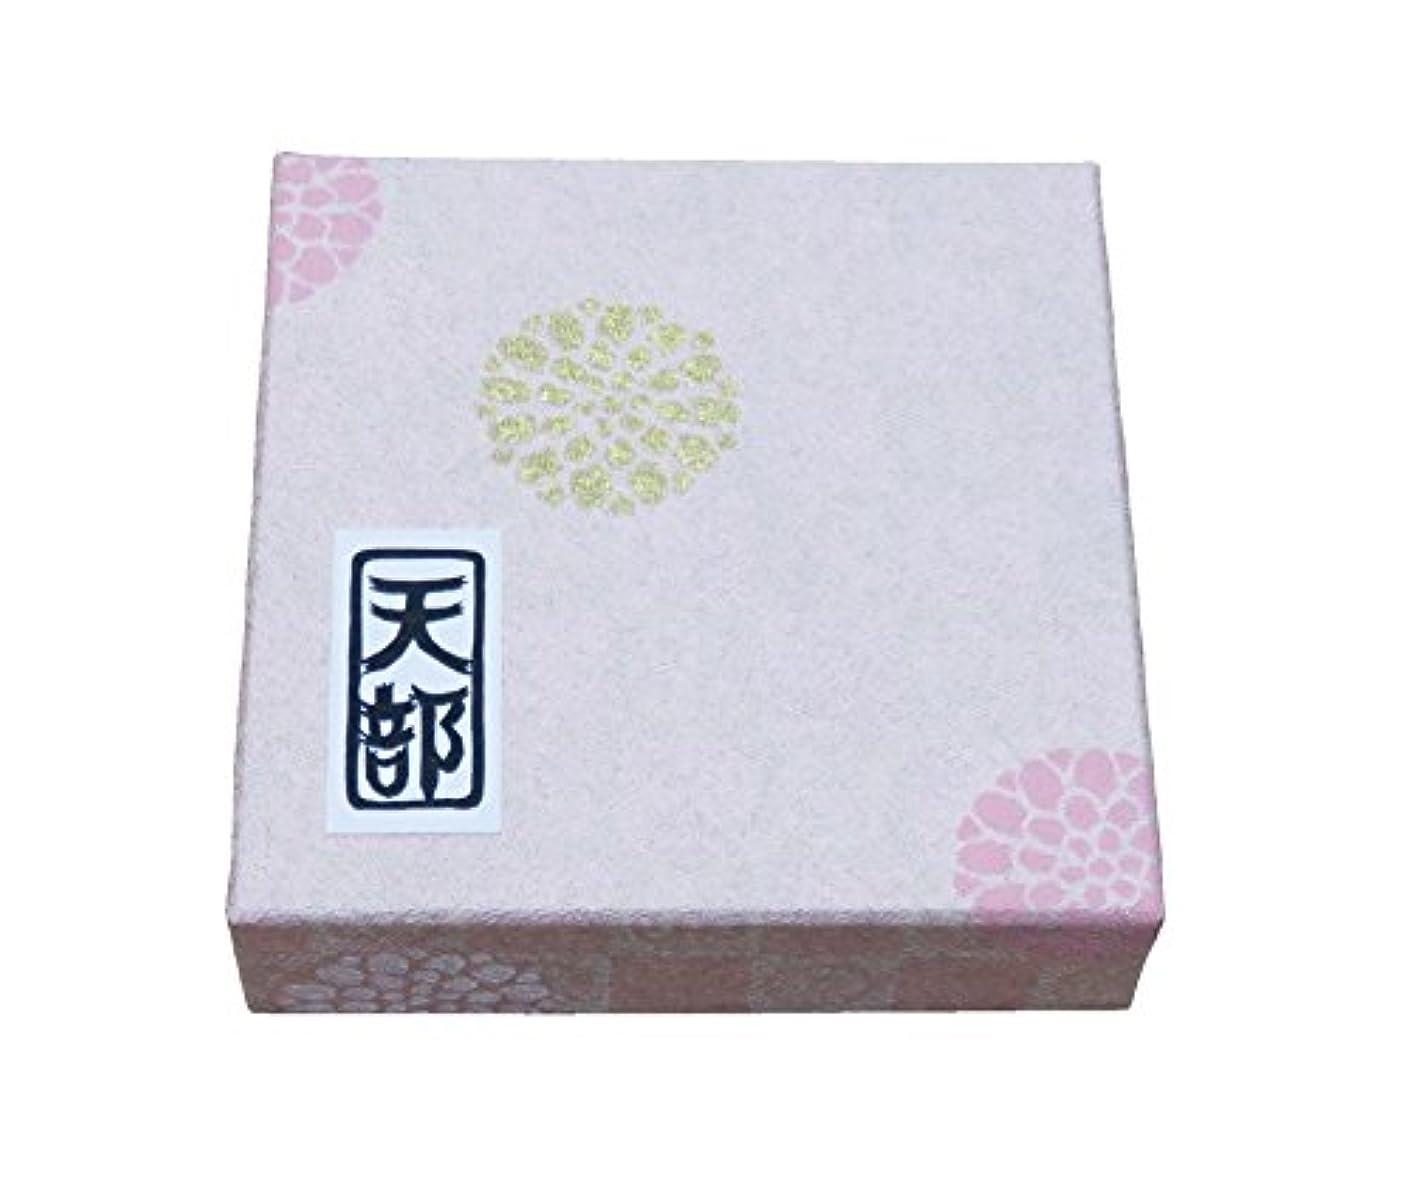 スキャン意図的現実的癒しのお香 <仏智香 天部セット 化粧箱入り> 天部5種類が楽しめます 奈良のお香屋あーく煌々(きらら)